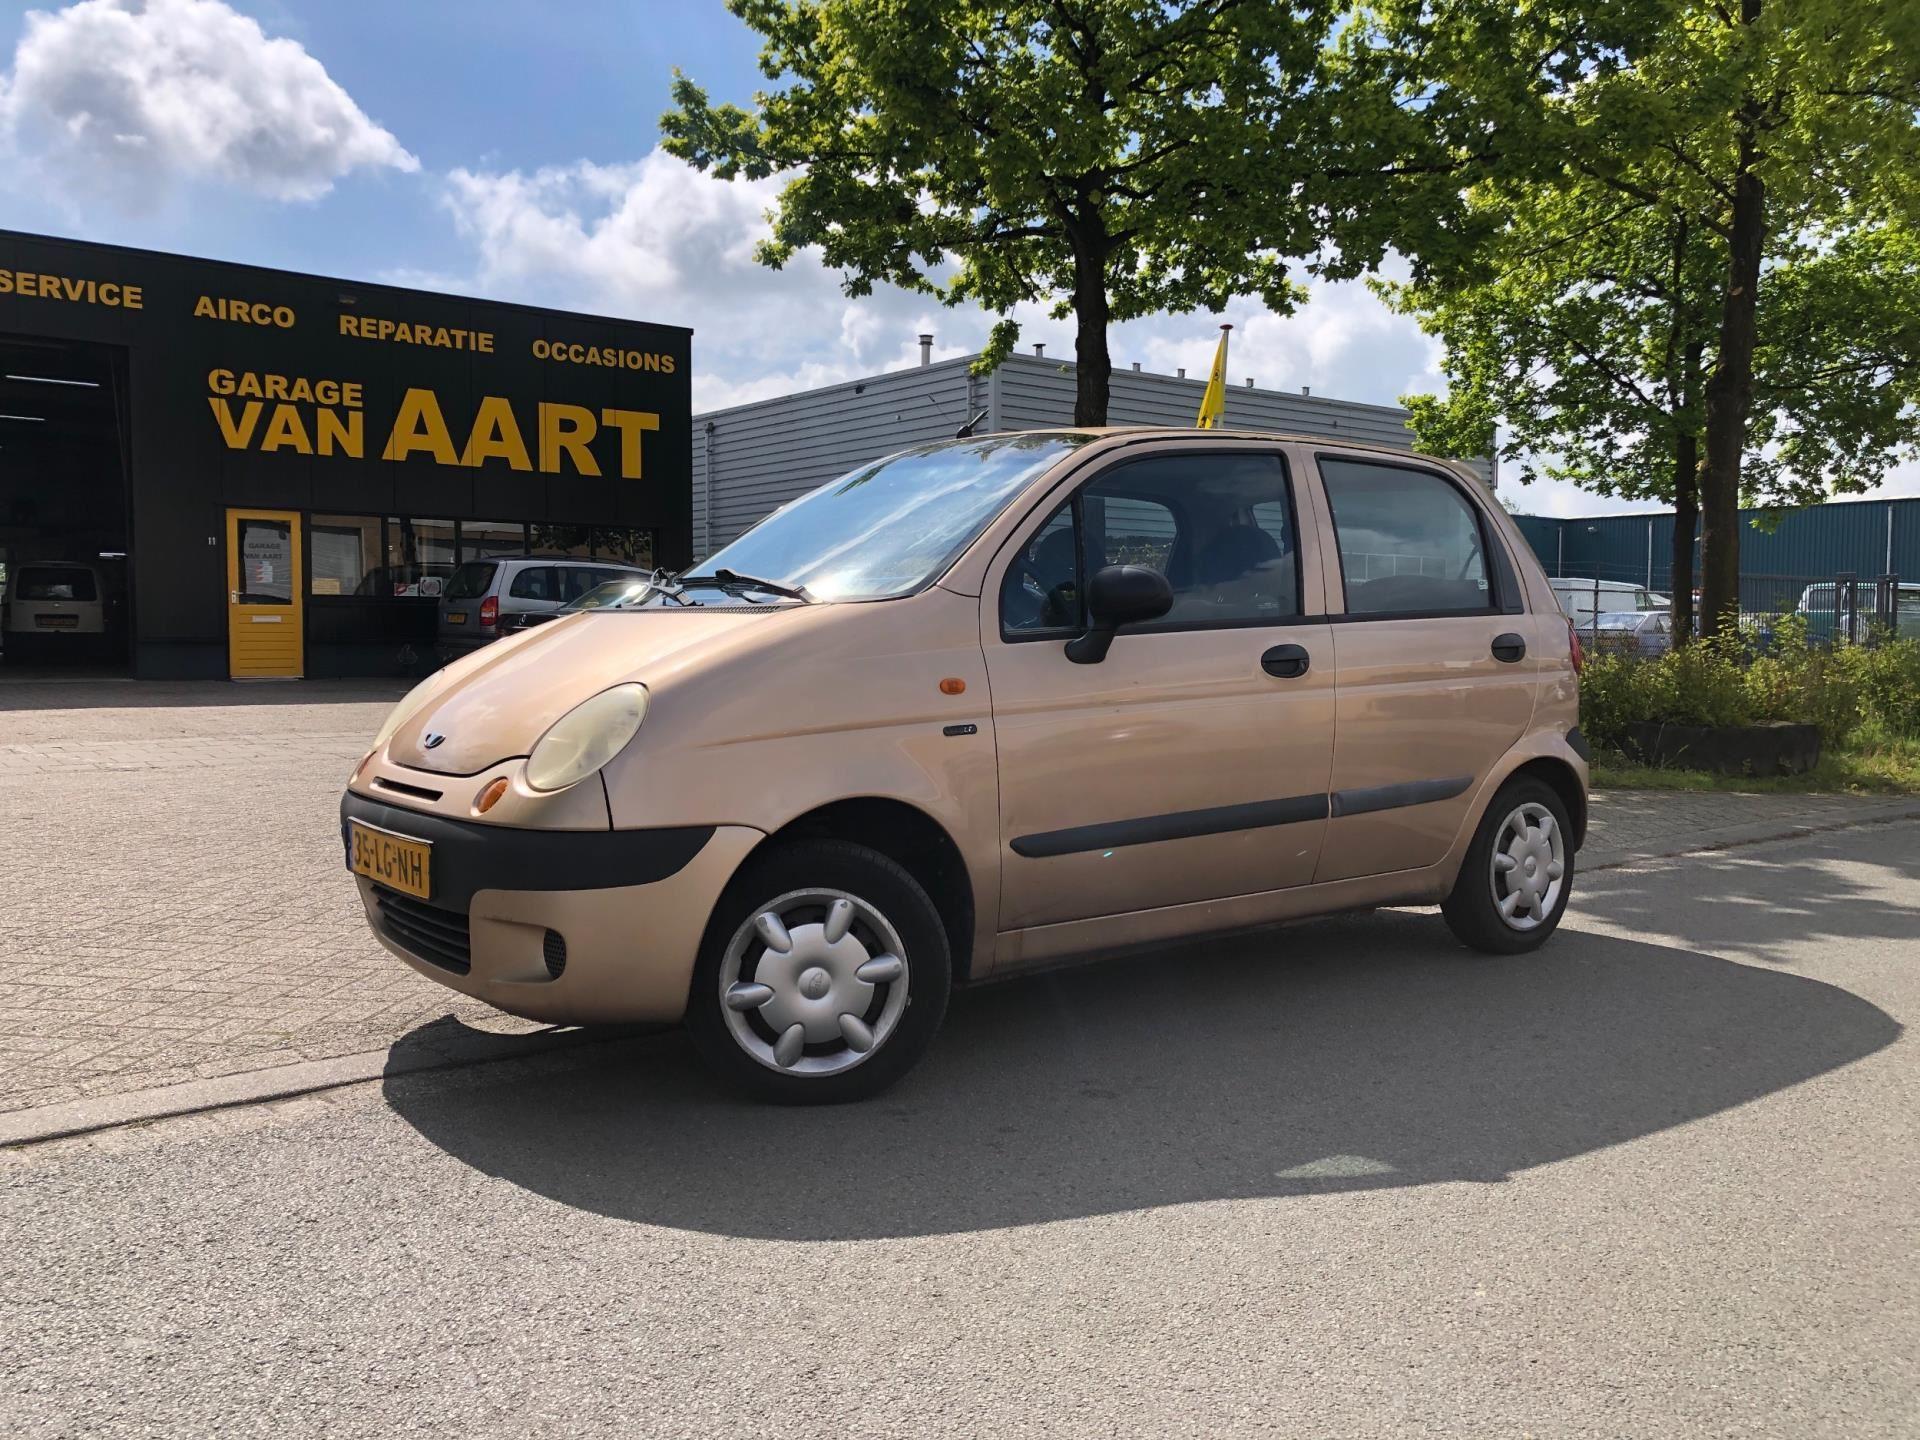 Daewoo Matiz occasion - Garage van Aart